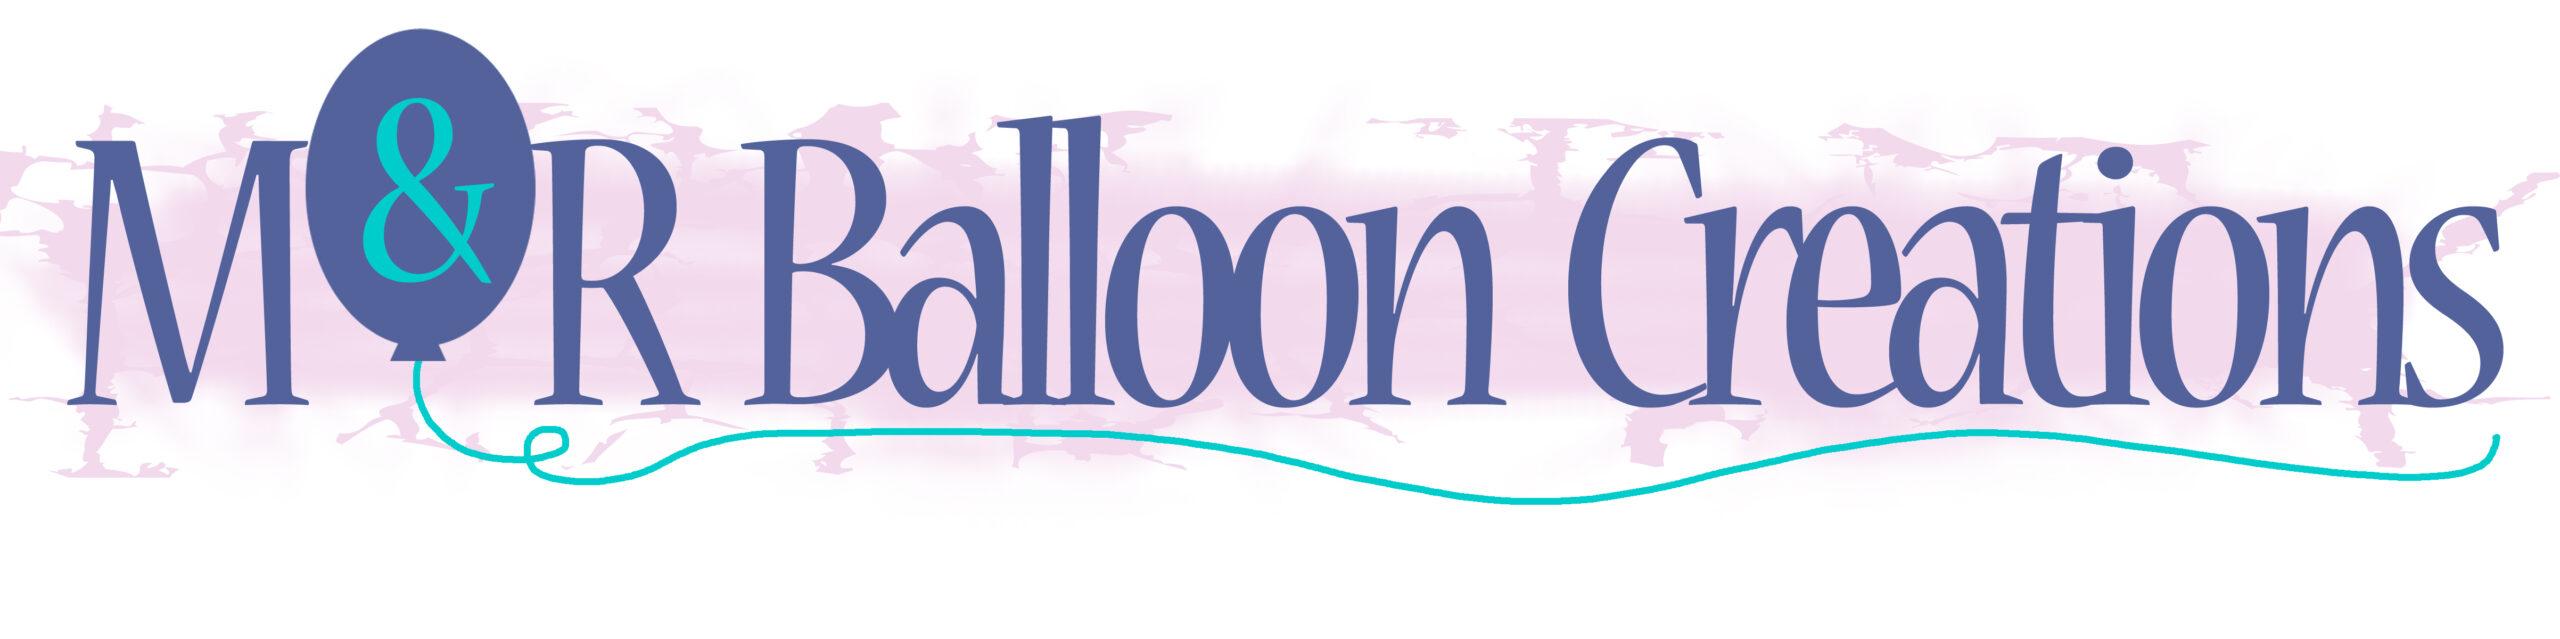 M&R Balloon Creations Logo